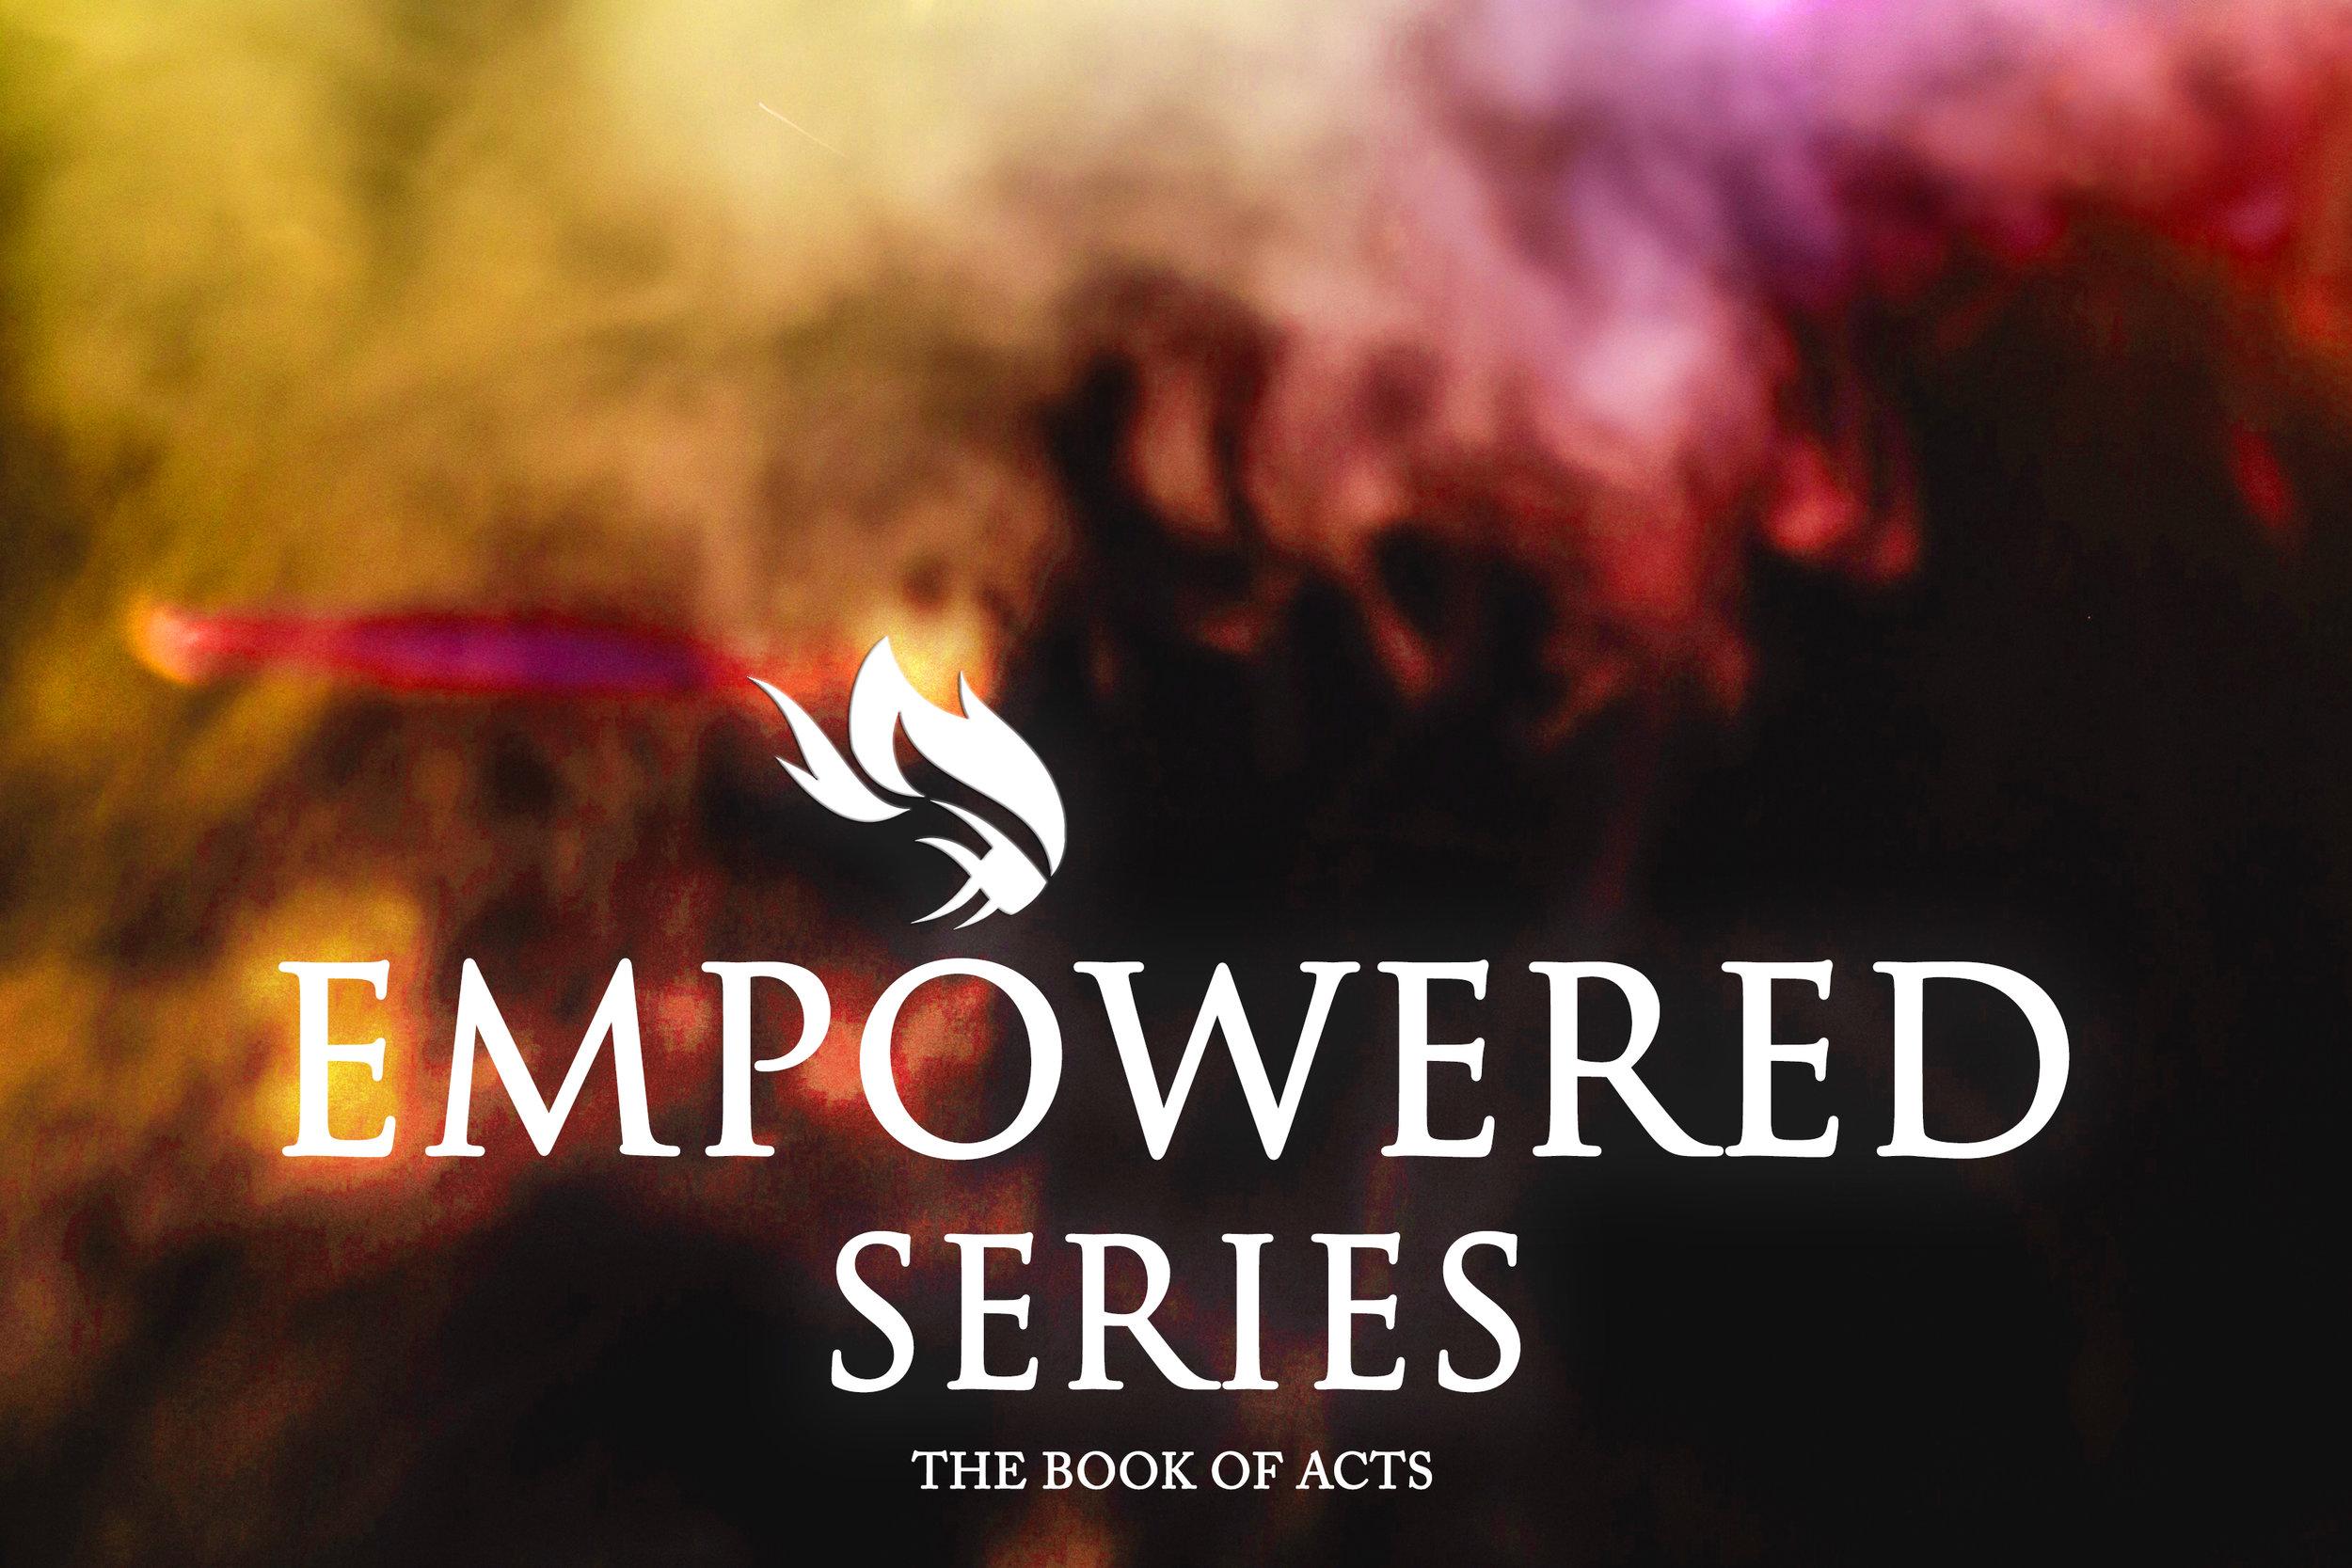 EMpoweredArtcover.jpg